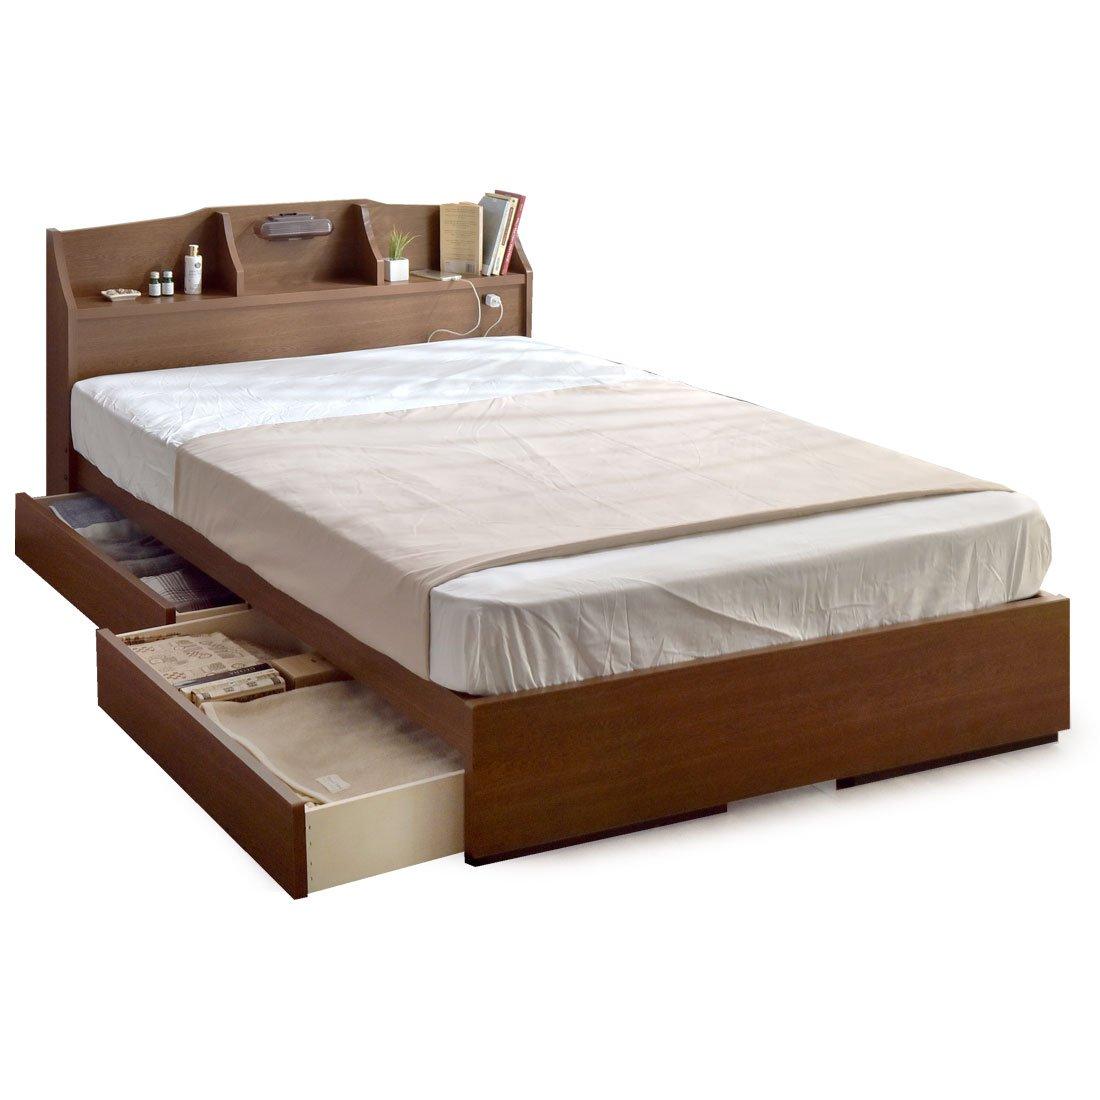 タンスのゲン 日本製 収納ベッド 引き出し コンセント付 フレームのみ 木製 宮棚 シンプル ベッドフレーム セミダブル ベッド ブラウン 44300008 01 B06XCYBNPF Parent